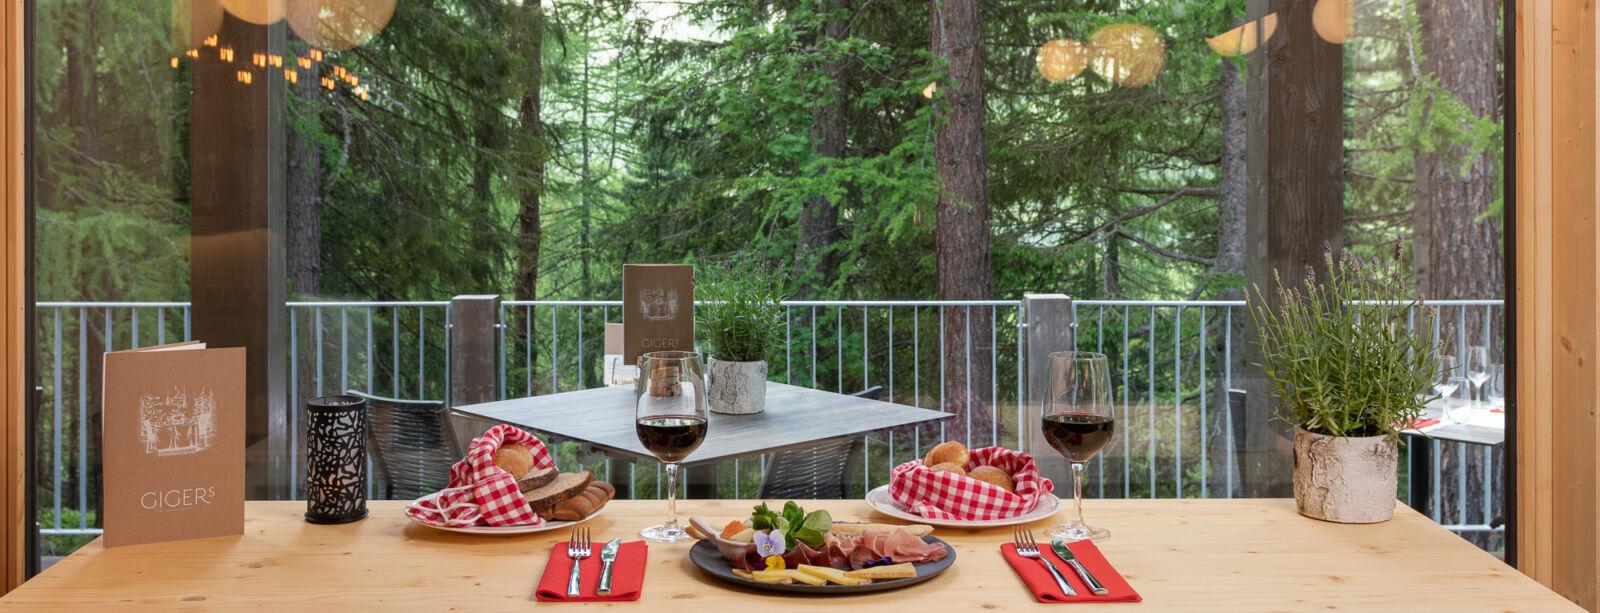 The restaurant Gigers - Hotel Waldhaus Sils